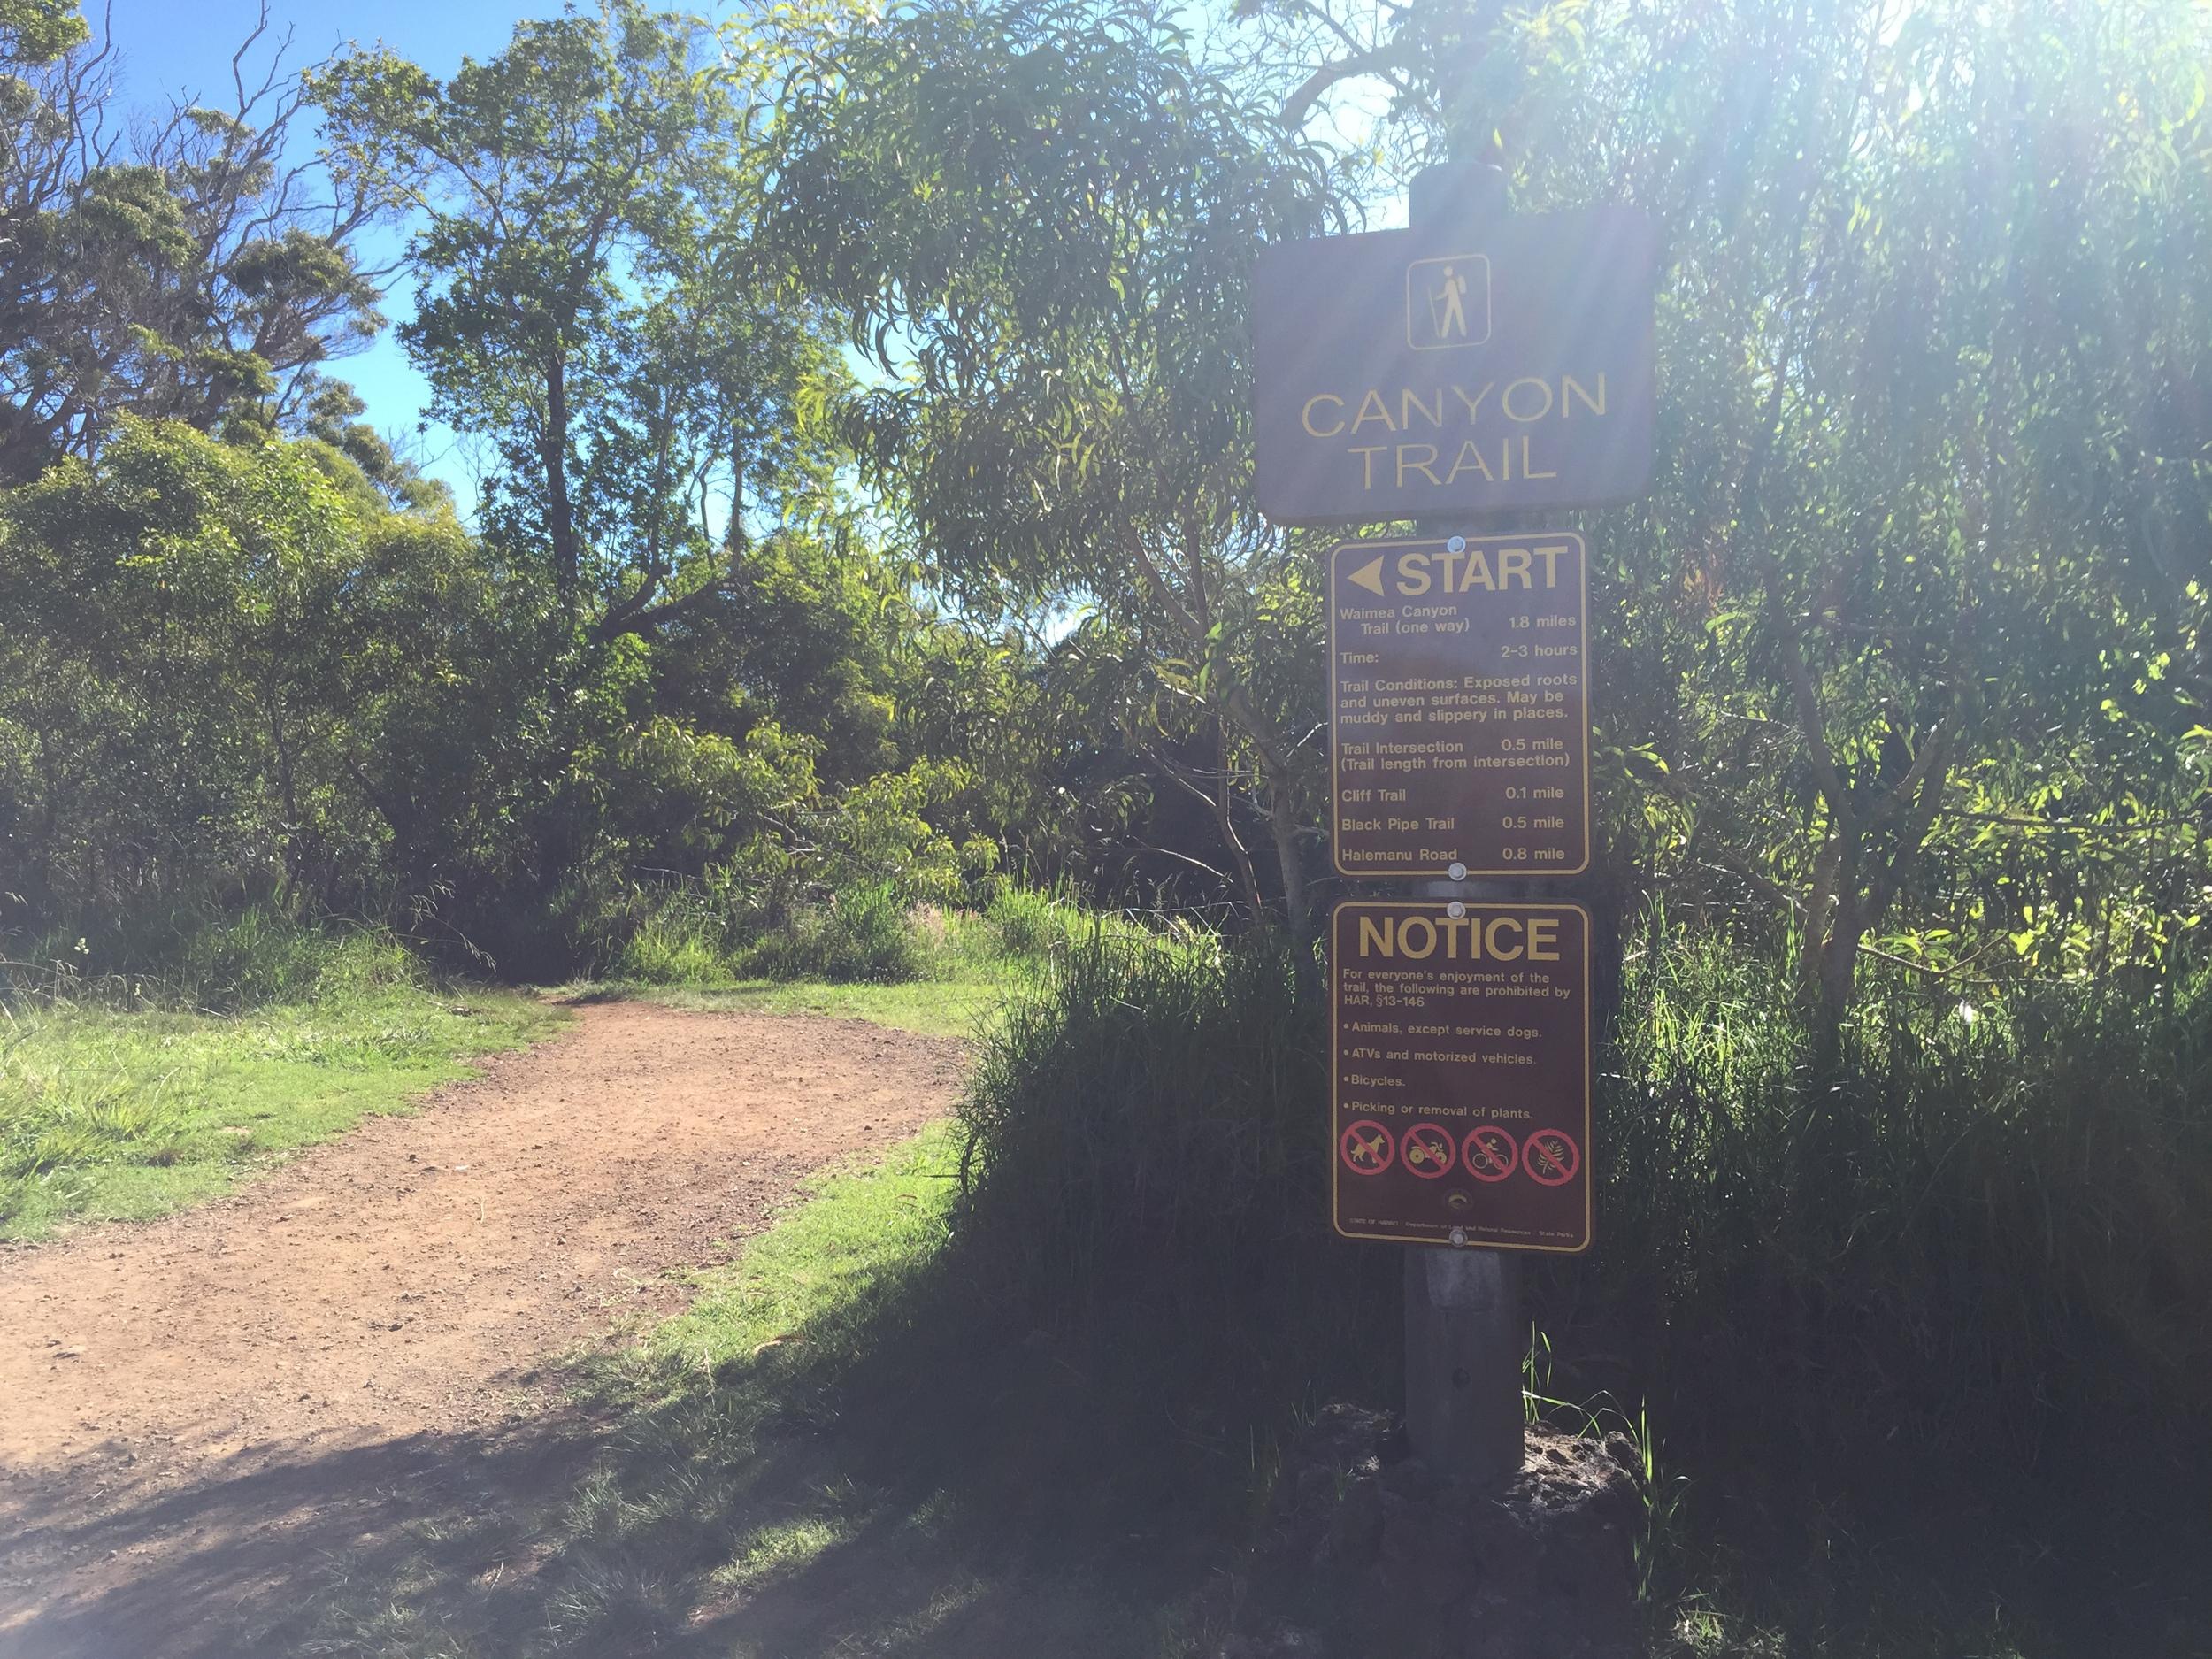 Canyon Trail - Hike Waimea Canyon in Kauai, Hawaii // via Jitney's Journeys